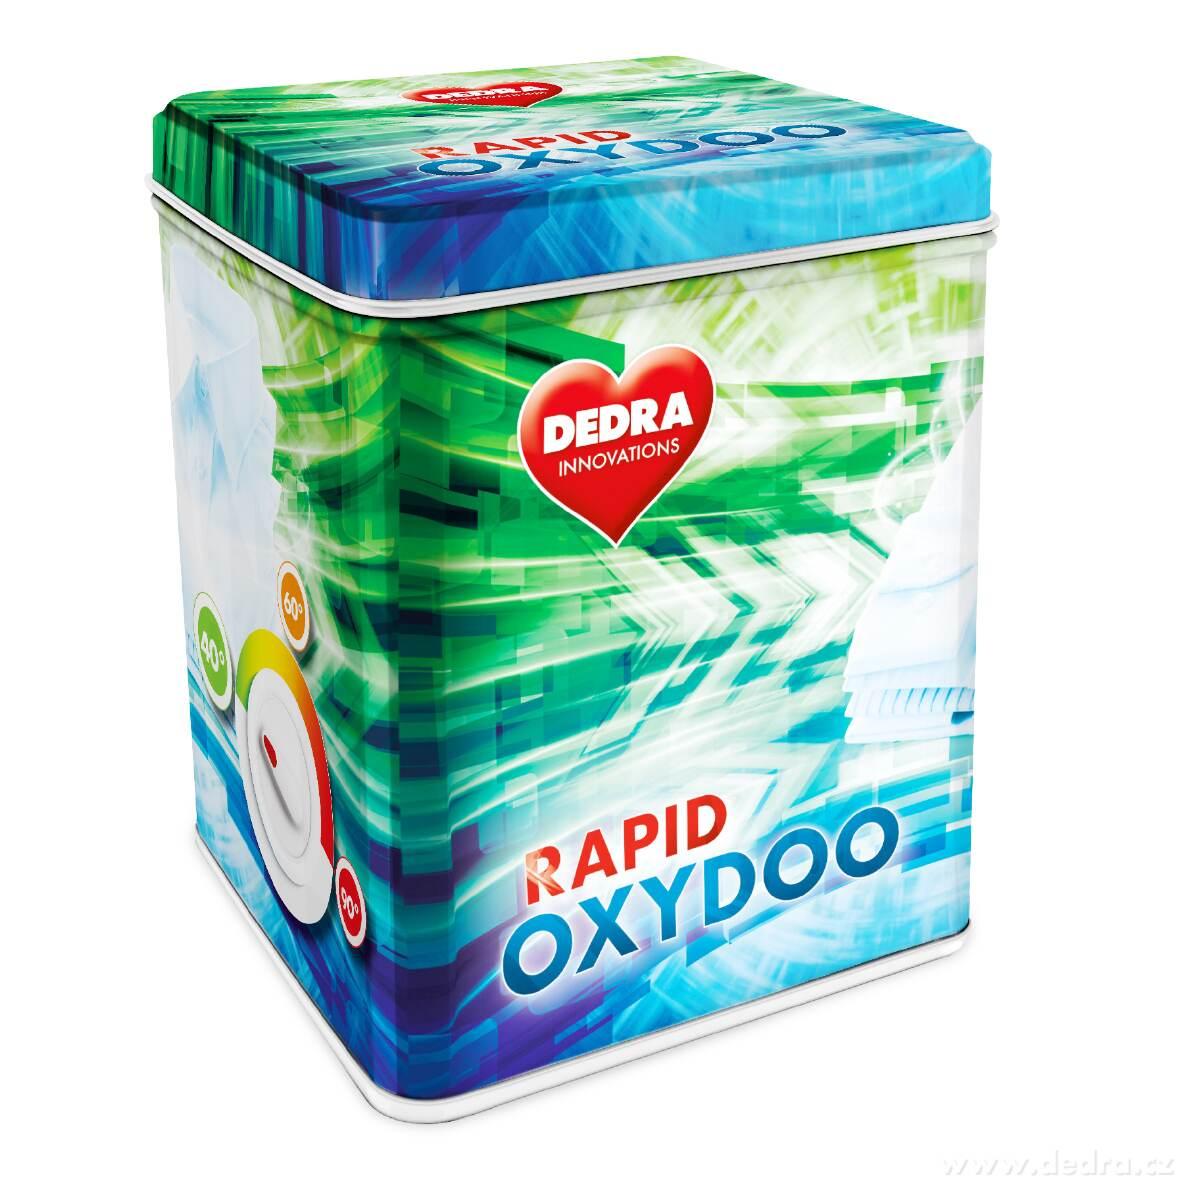 OXYDOO RAPID univerzálne bielidlo na báze aktívneho kyslíka + dóza ZADARMO